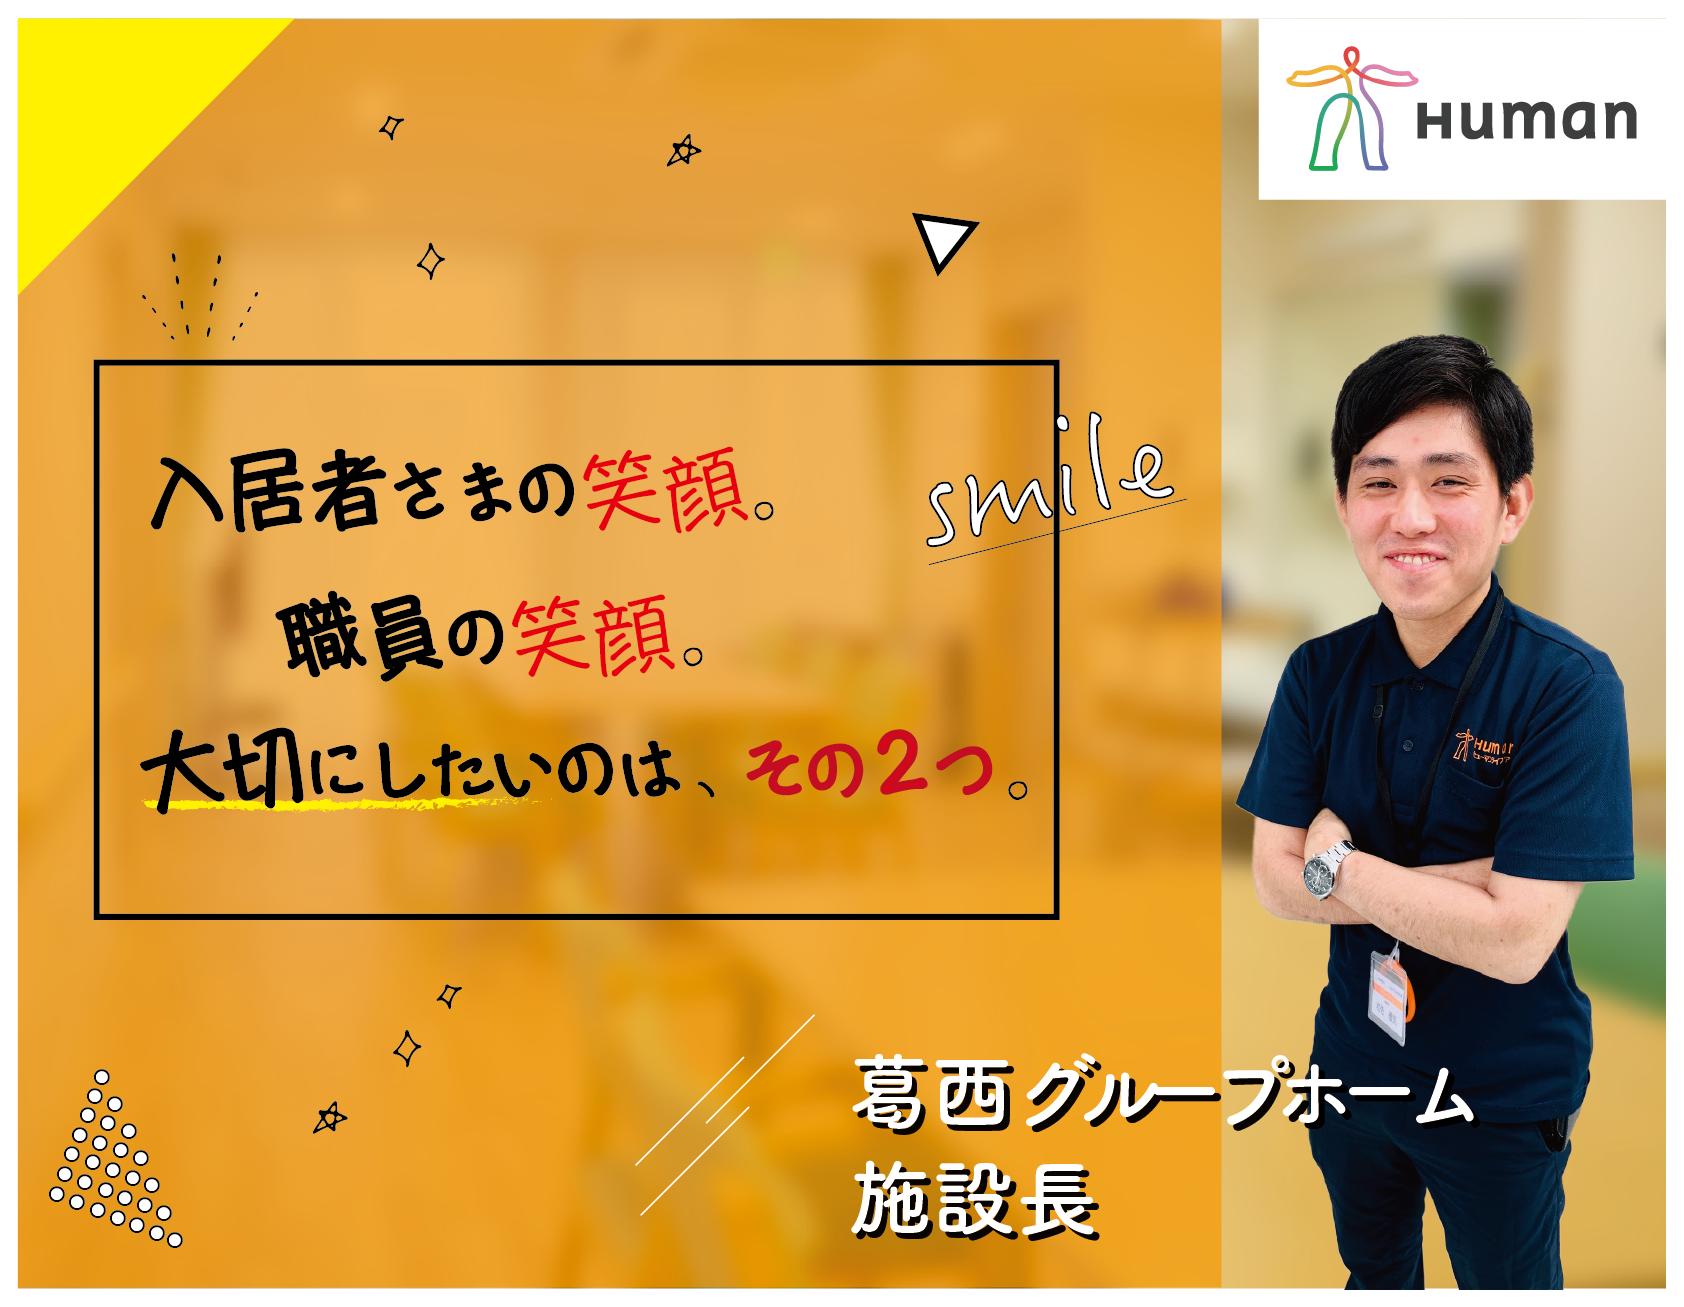 【週3日から】江戸川区/グループホーム介護職員/有資格・実務経験者